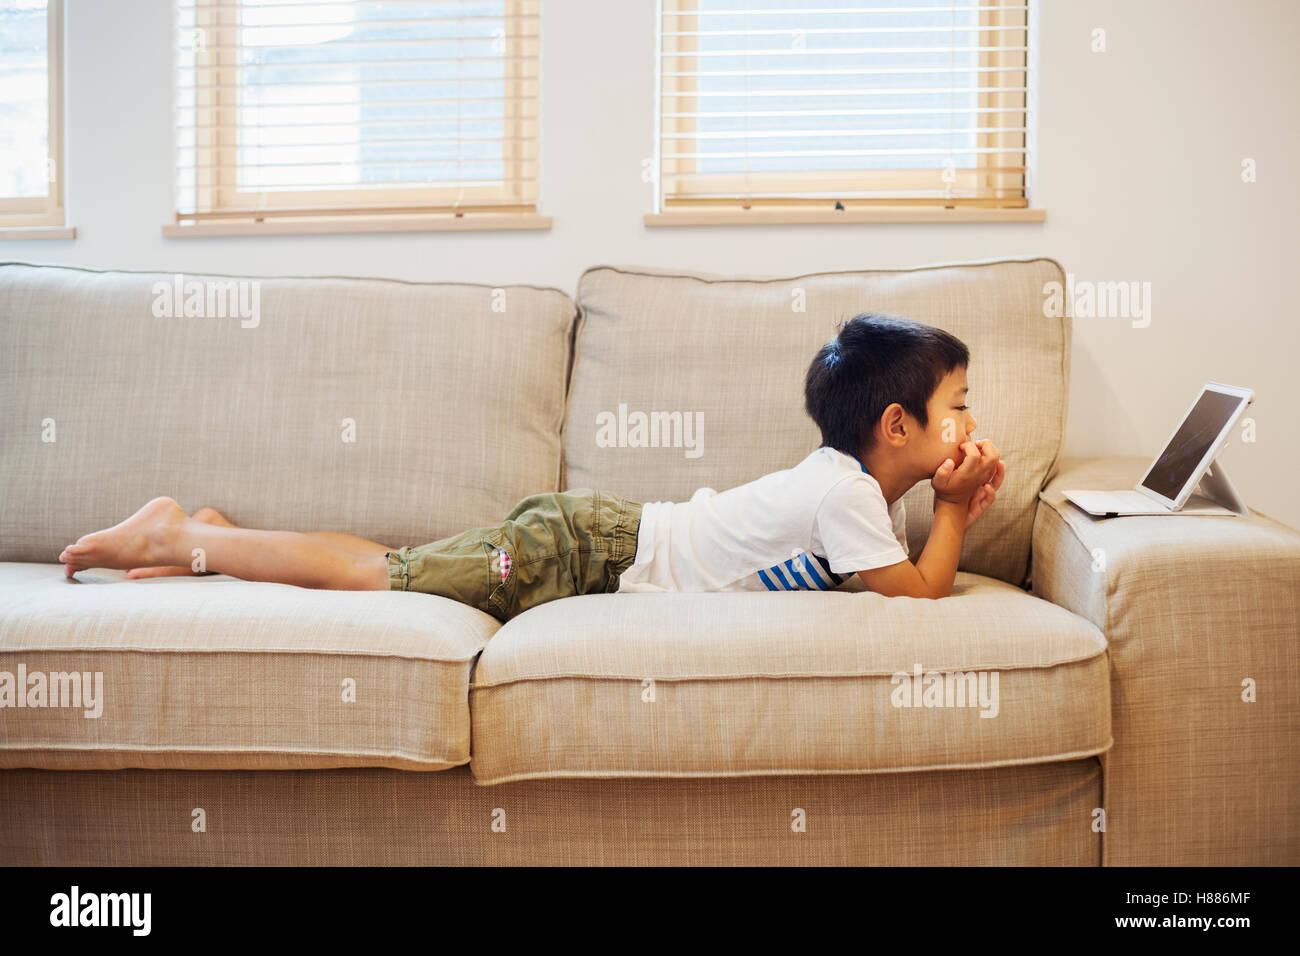 Casa de familia. Un muchacho tumbado en el sofá viendo una tableta digital. Foto de stock